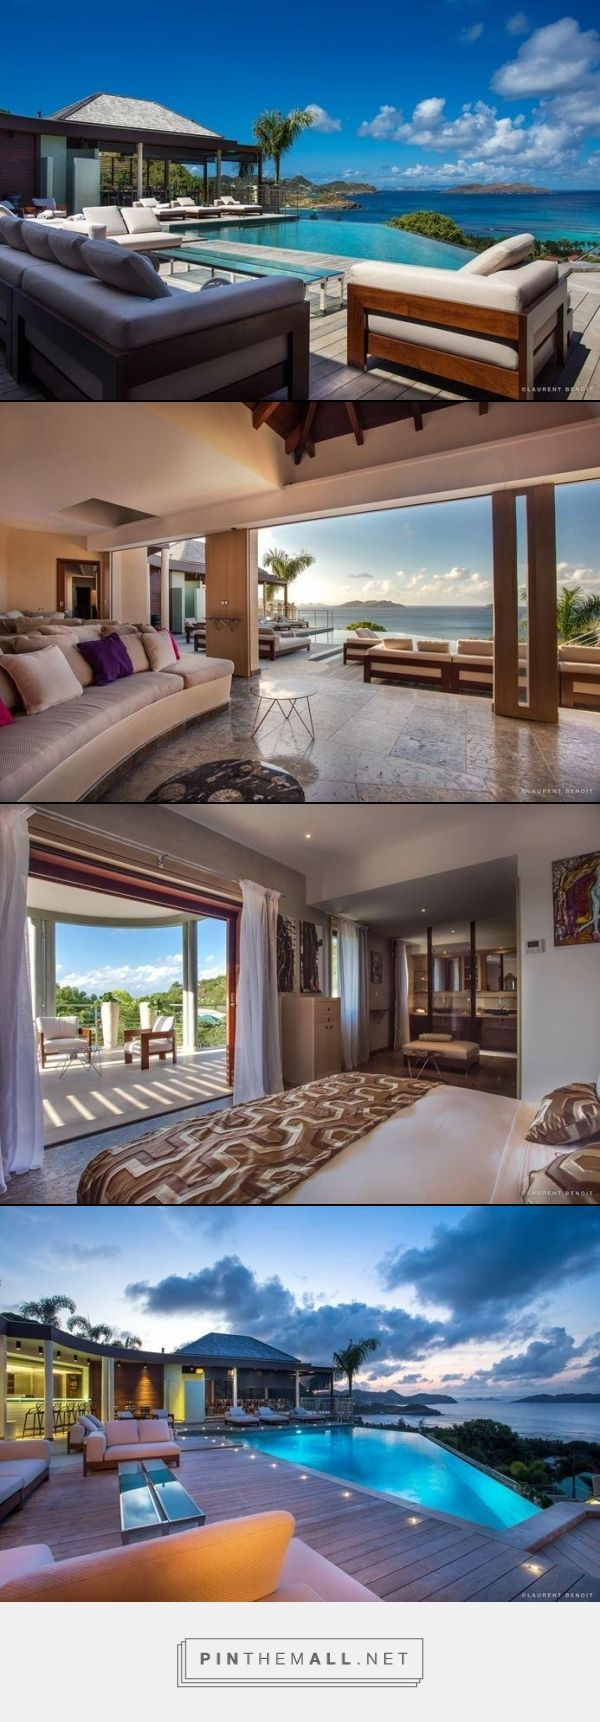 Villa Castle Rock- Camaruche, St. Barthelemy- WIMCO Villas, 5 bed 5 baths #travel #stbarths #caribbean #vacation #villarentals